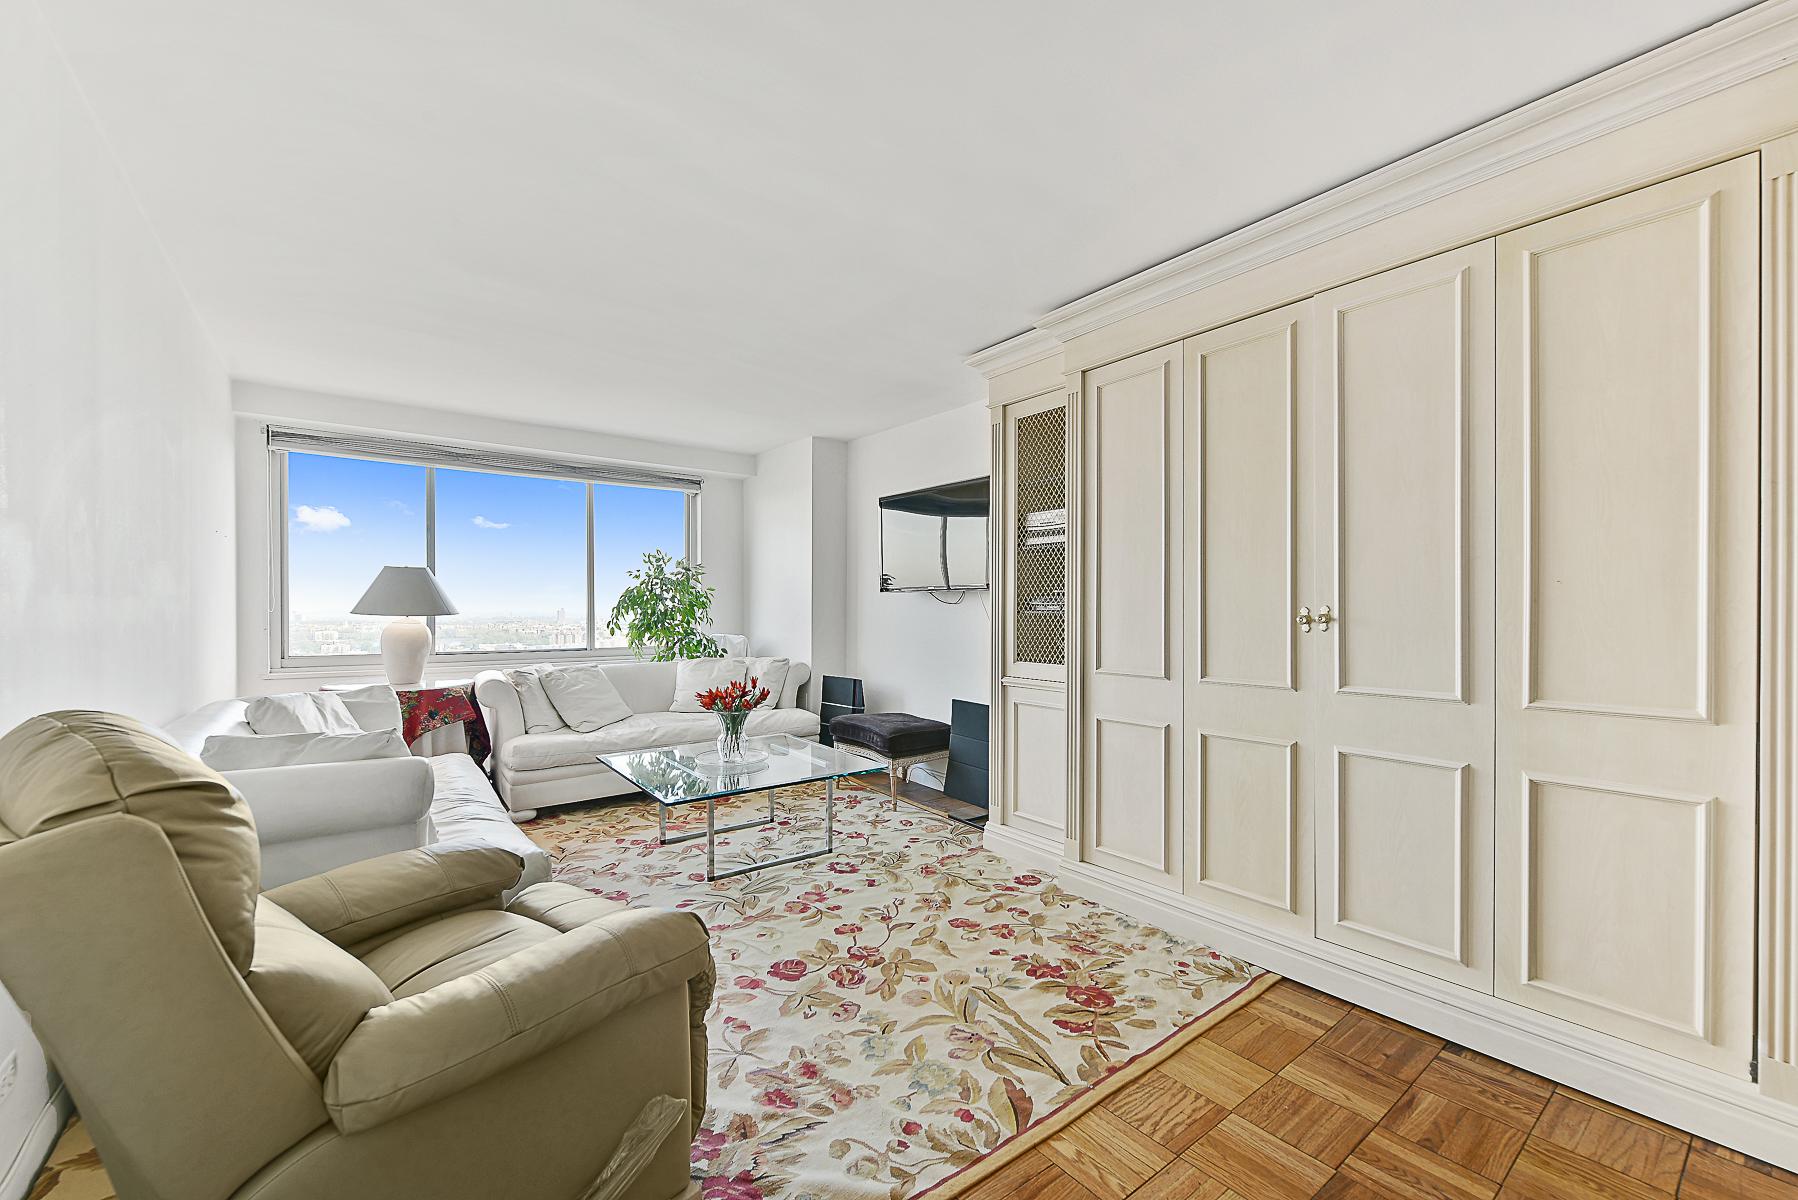 合作公寓 为 销售 在 High Floor Luxury 1 BR with Open Views 3333 Henry Hudson Parkway 23C 里弗代尔, 纽约州, 10463 美国